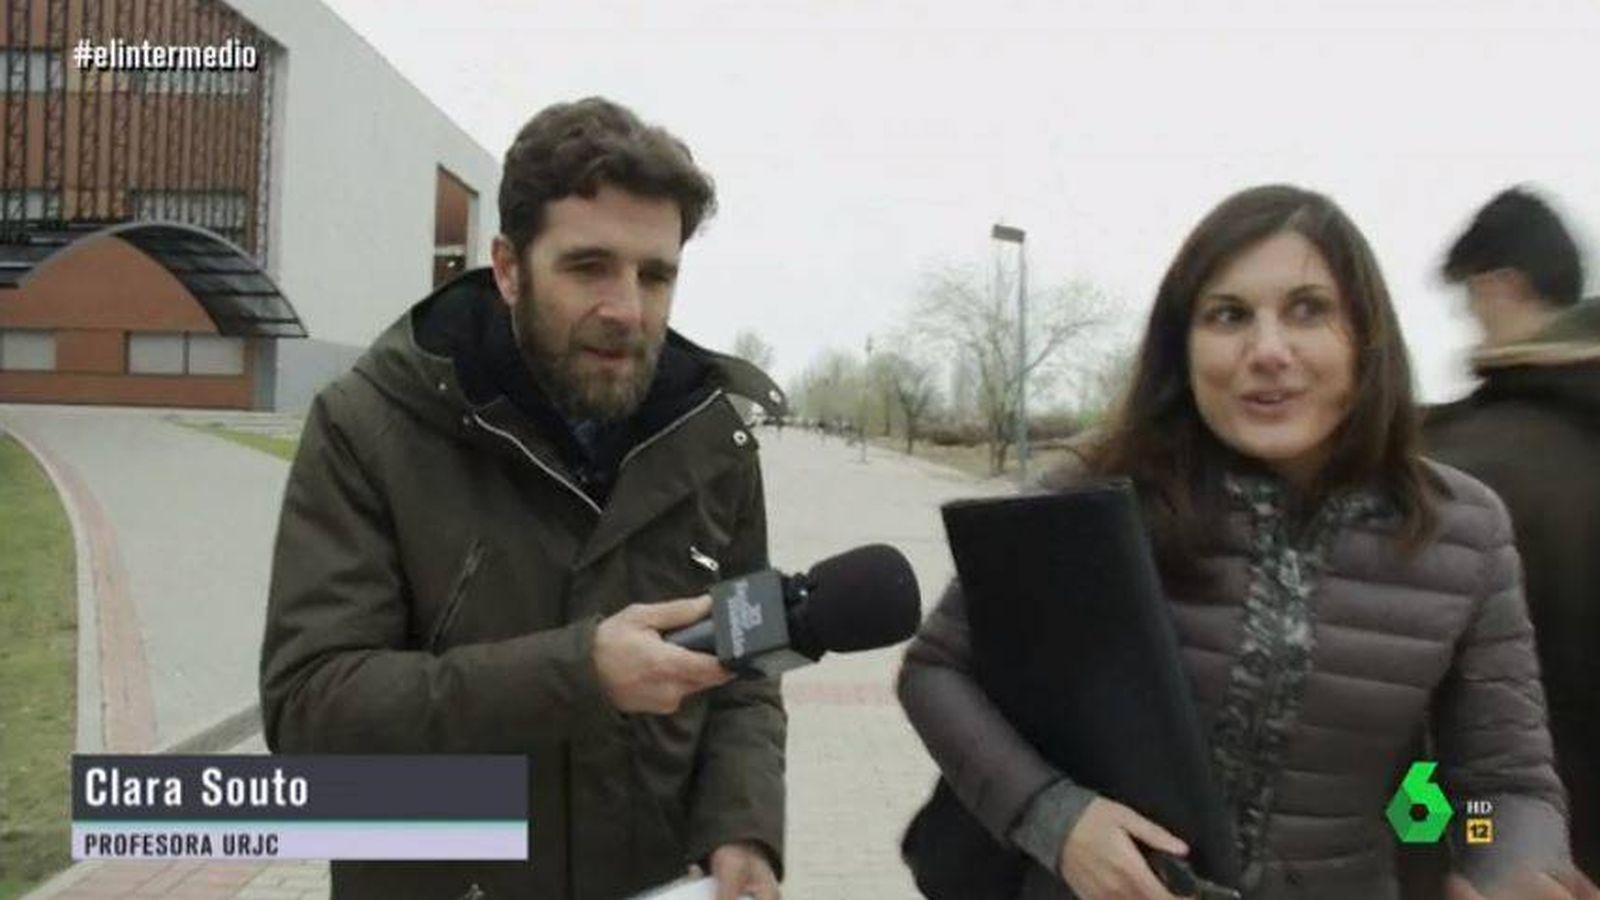 Foto: Gonzo, de El Intermedio, con Clara Souto, que reconoce la falsificación de su firma. (La Sexta)